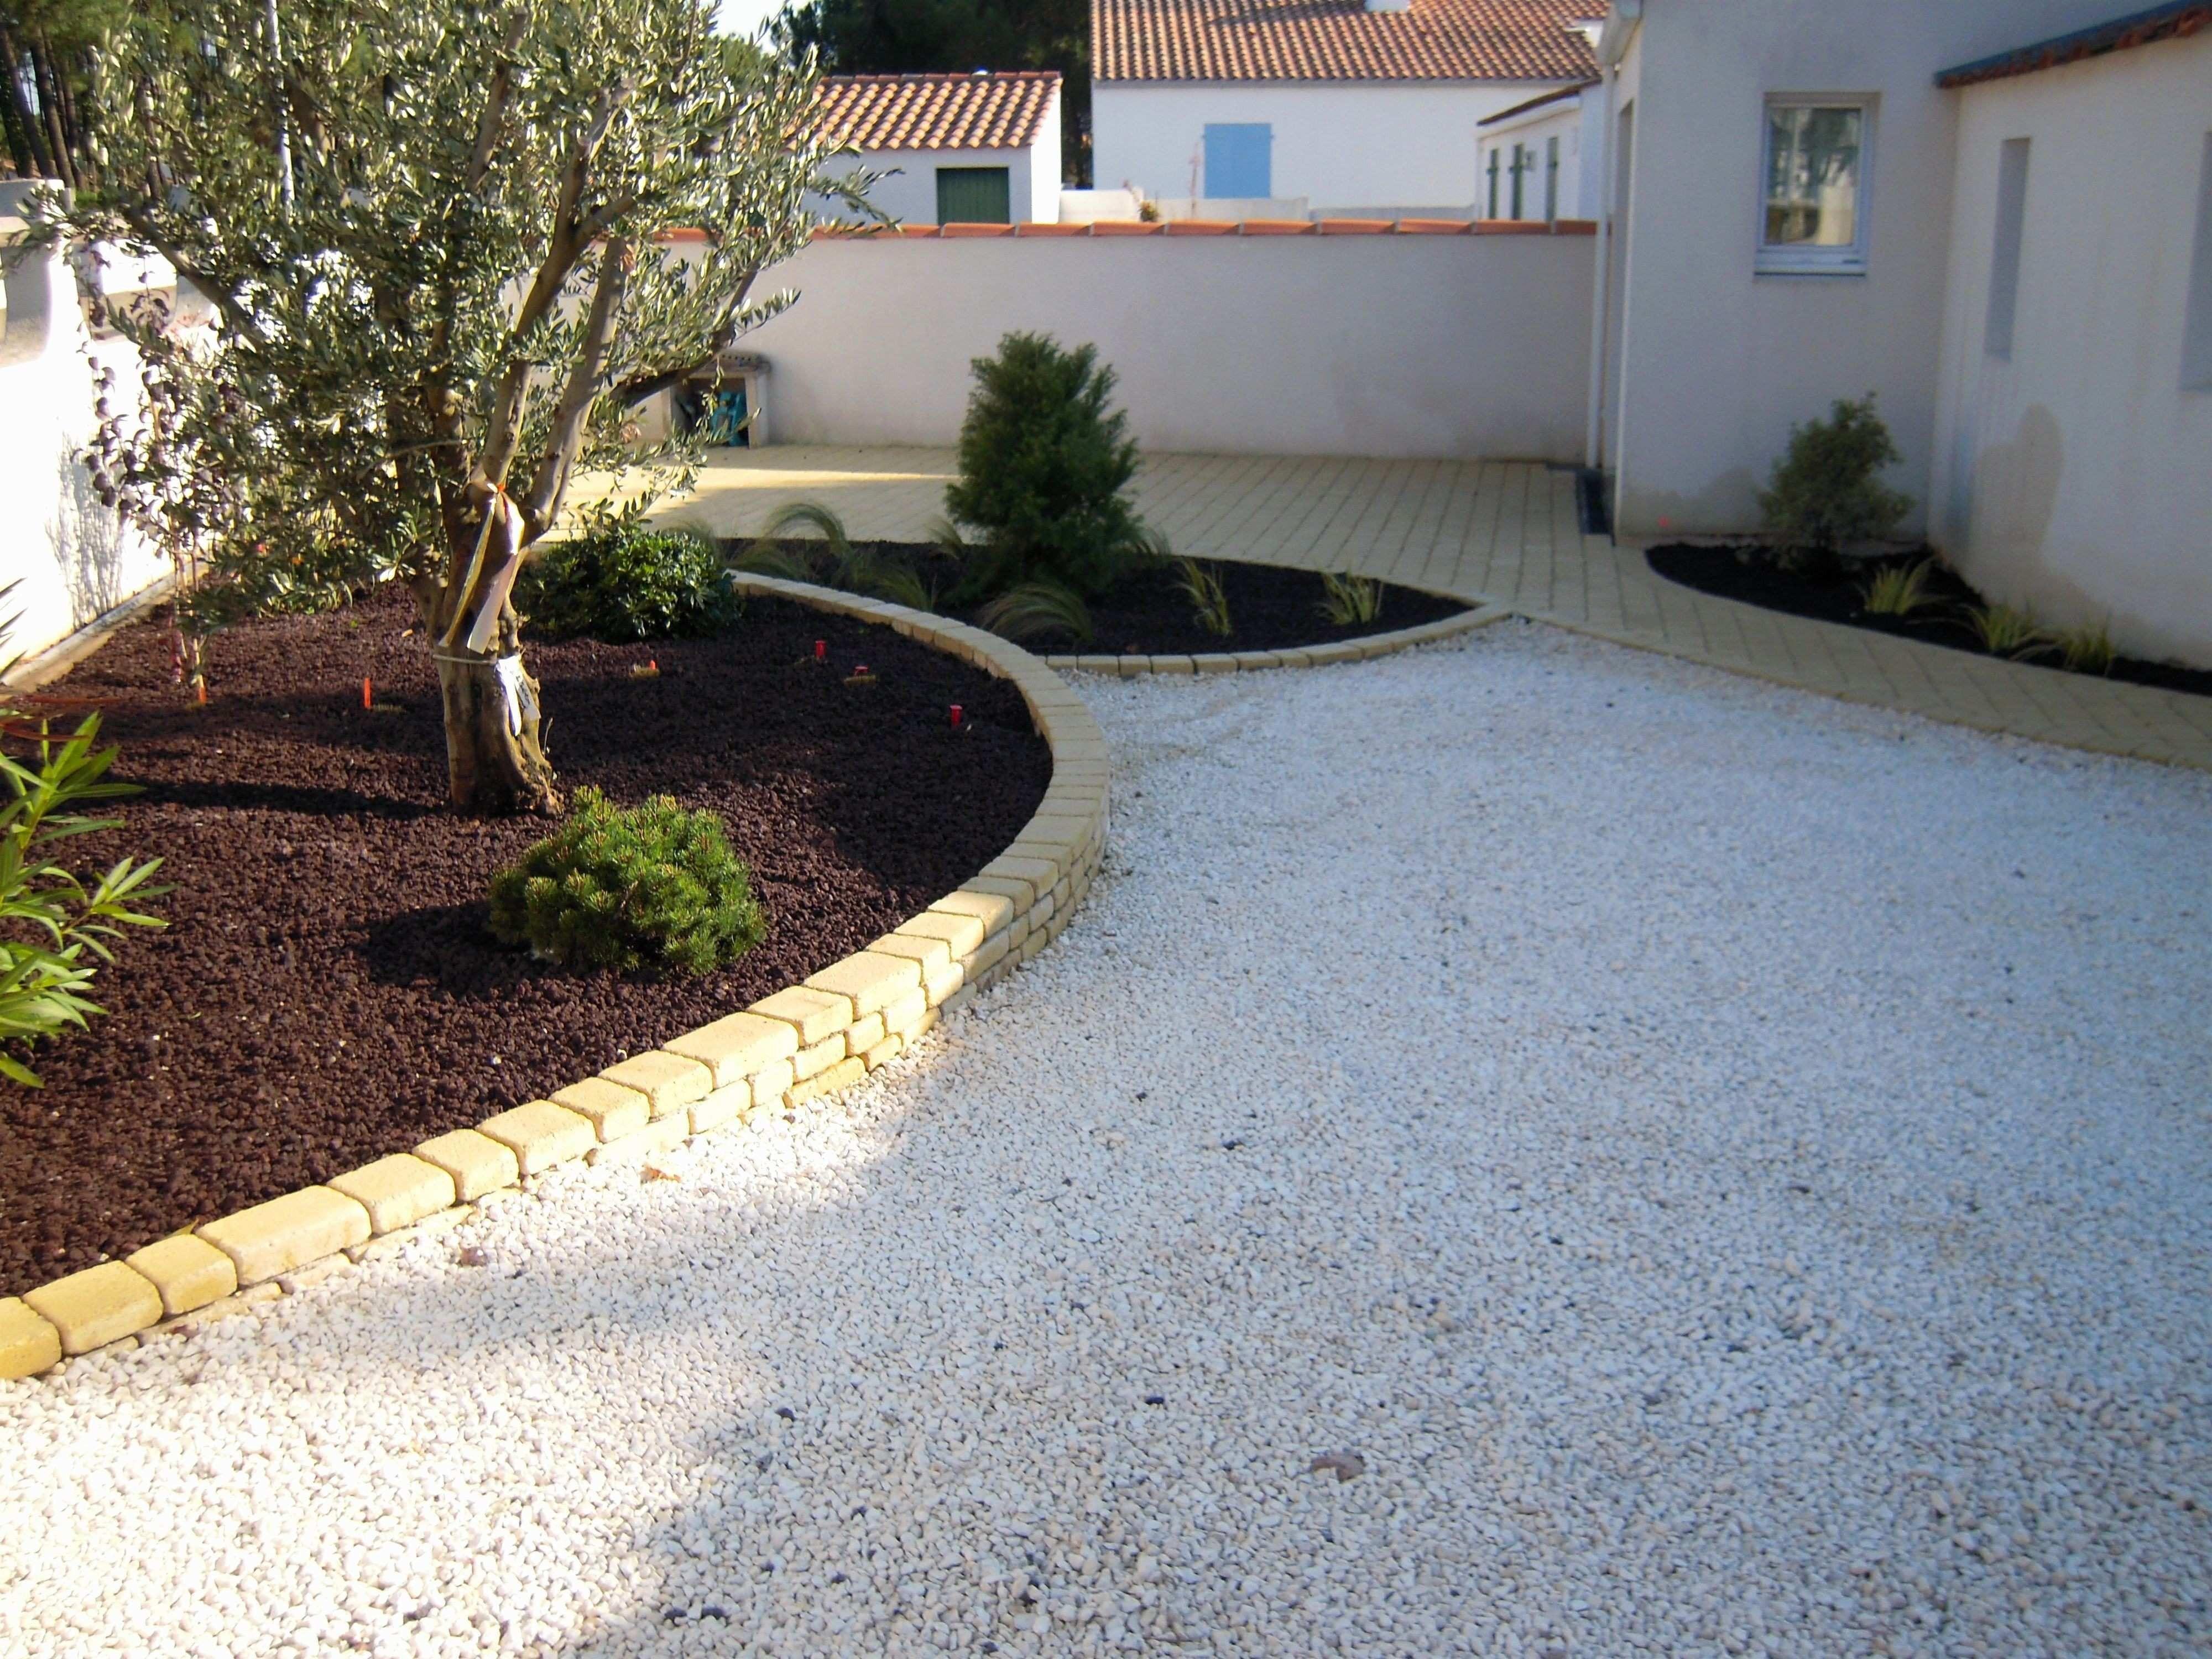 Cailloux Blanc Jardin Inspirational Allee De Jardin En ... tout Terrasse En Cailloux